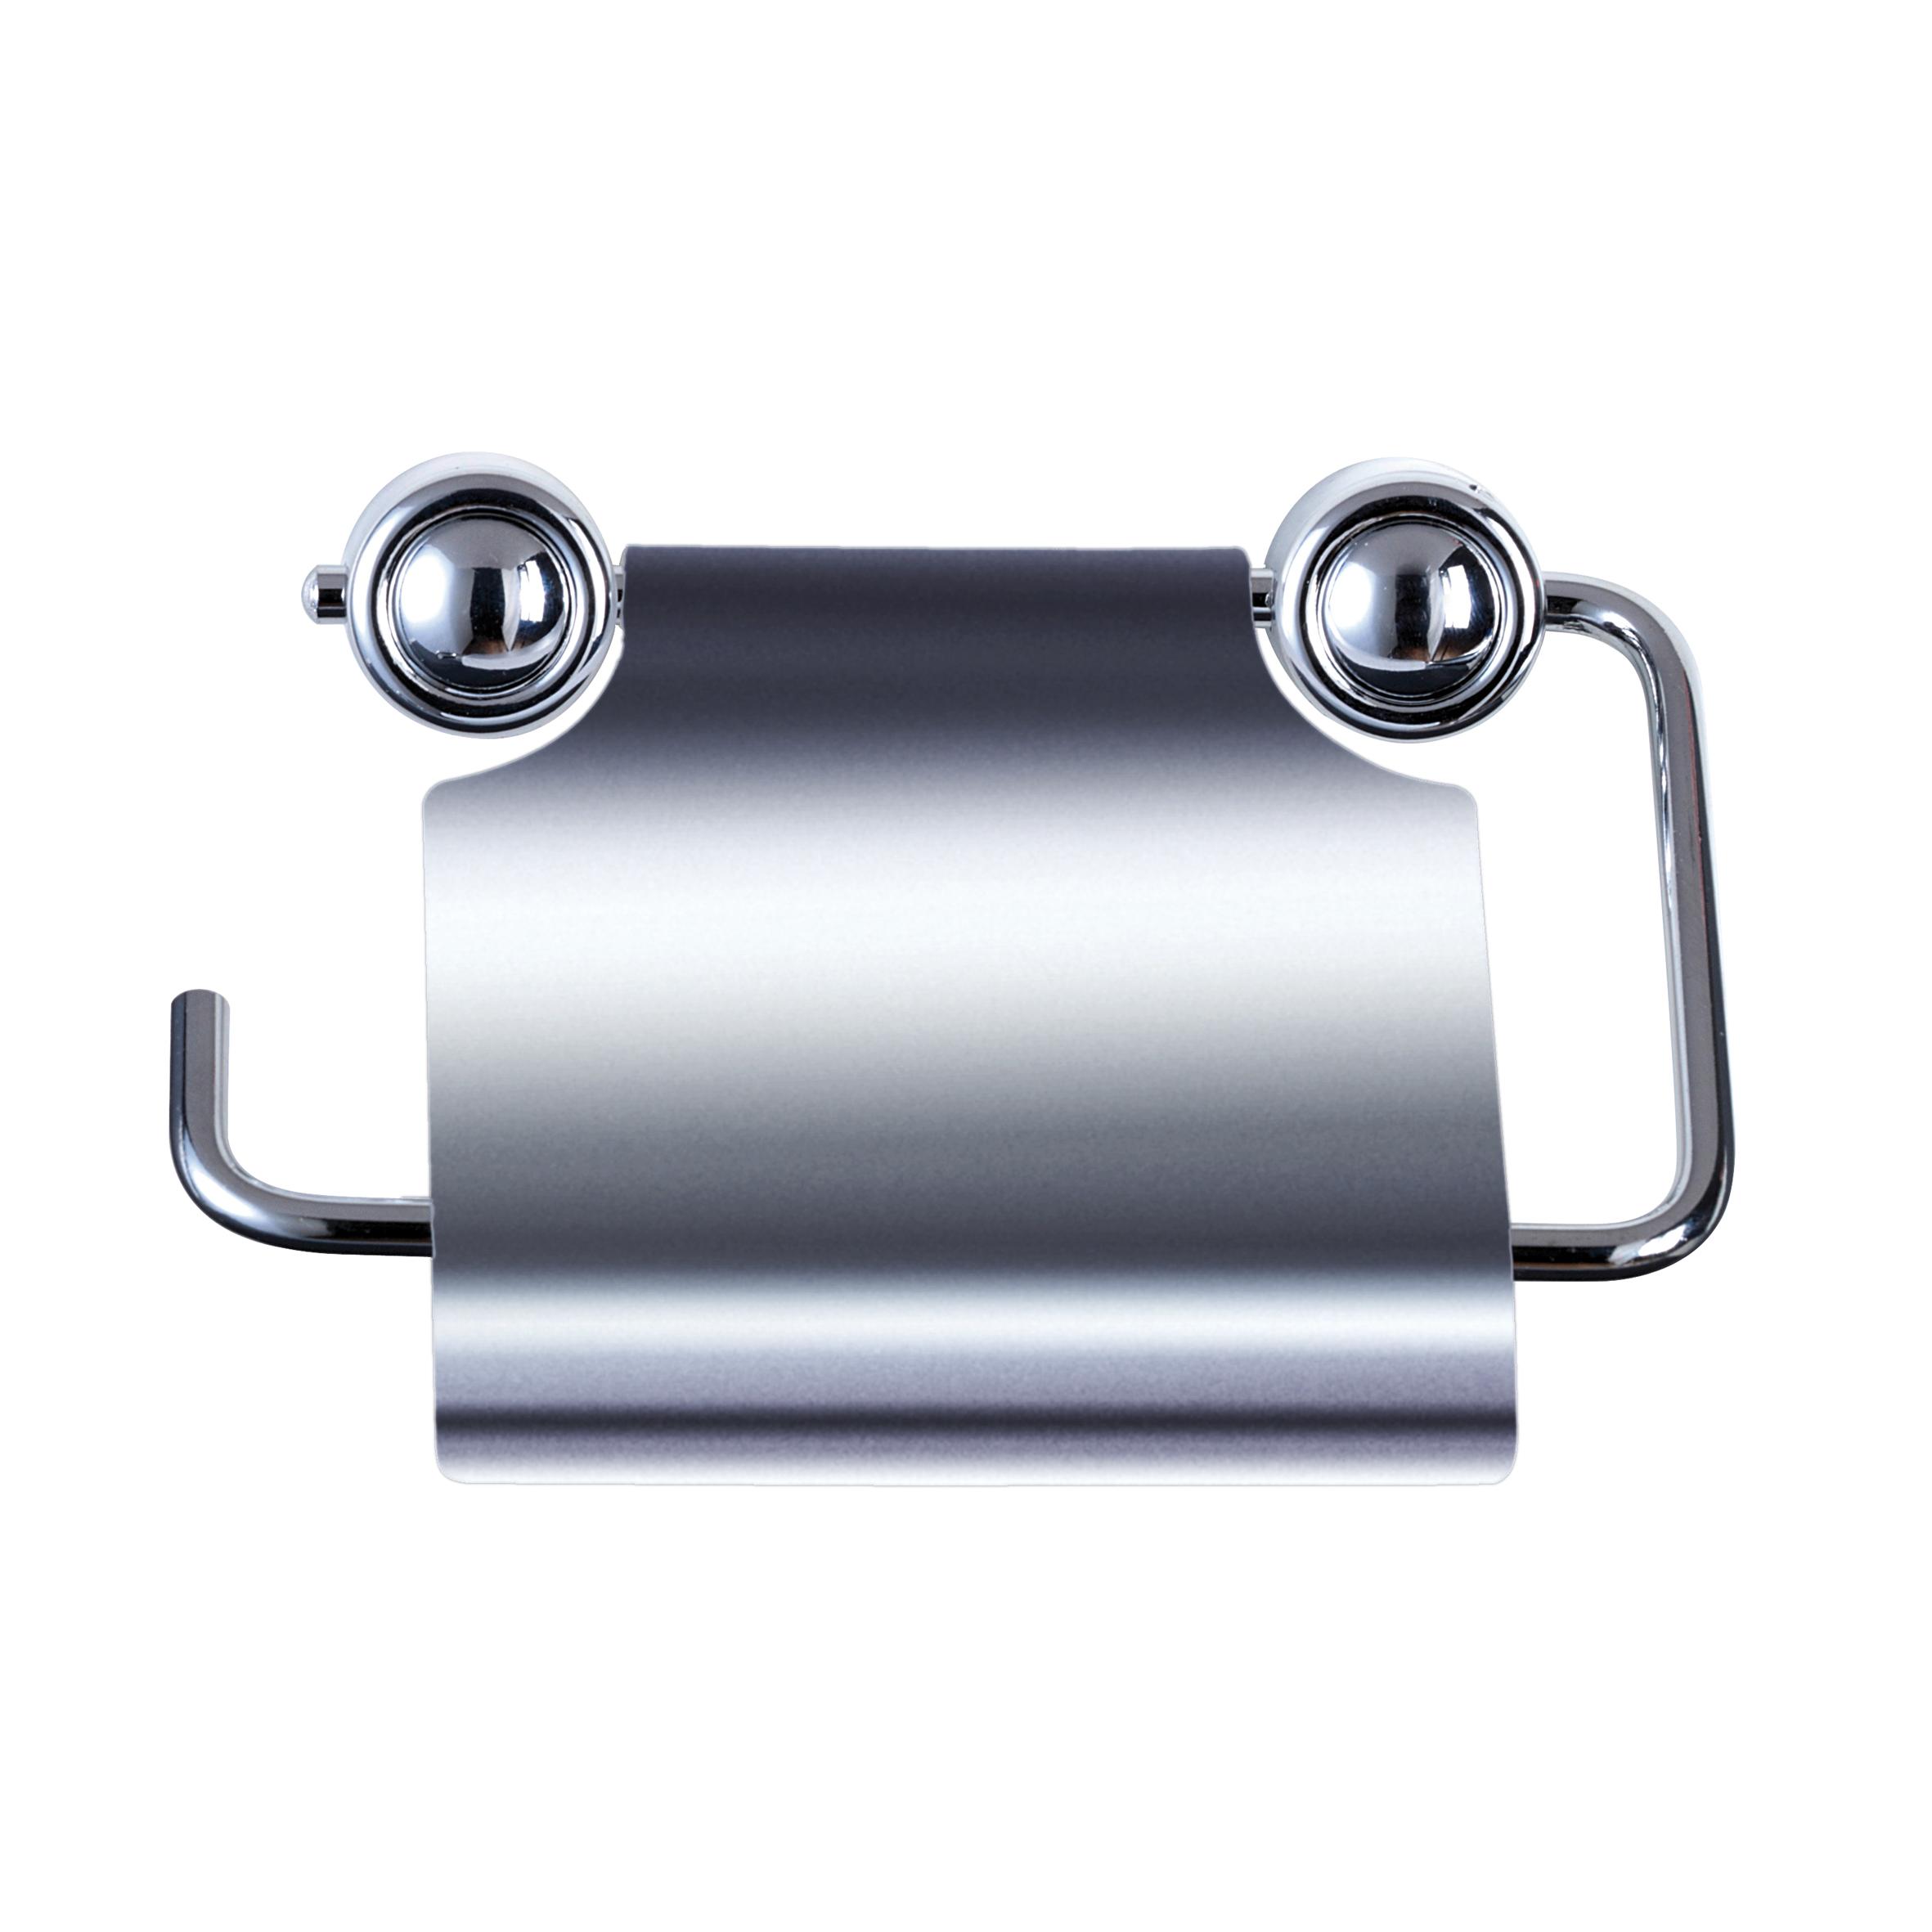 Держатель для туалетной бумаги Axentia Atlantik, с крышкой, 13 х 10 х 13,3 смRICCI RRH-2150-SДержатель для туалетной бумаги Axentia Atlantik, выполненный из высококачественной хромированной и нержавеющей стали, оснащен крышкой. Изделие крепится на стену с помощью шурупов (входят в комплект). Держатель поможет оформить интерьер в выбранном стиле, разбавляя пространство туалетной комнаты различными элементами. Он хорошо впишется в любой интерьер, придавая ему черты современности. Отлично сочетается с другими аксессуарами из коллекции Atlantik.Размер держателя: 13 х 10 х 13,3 см.